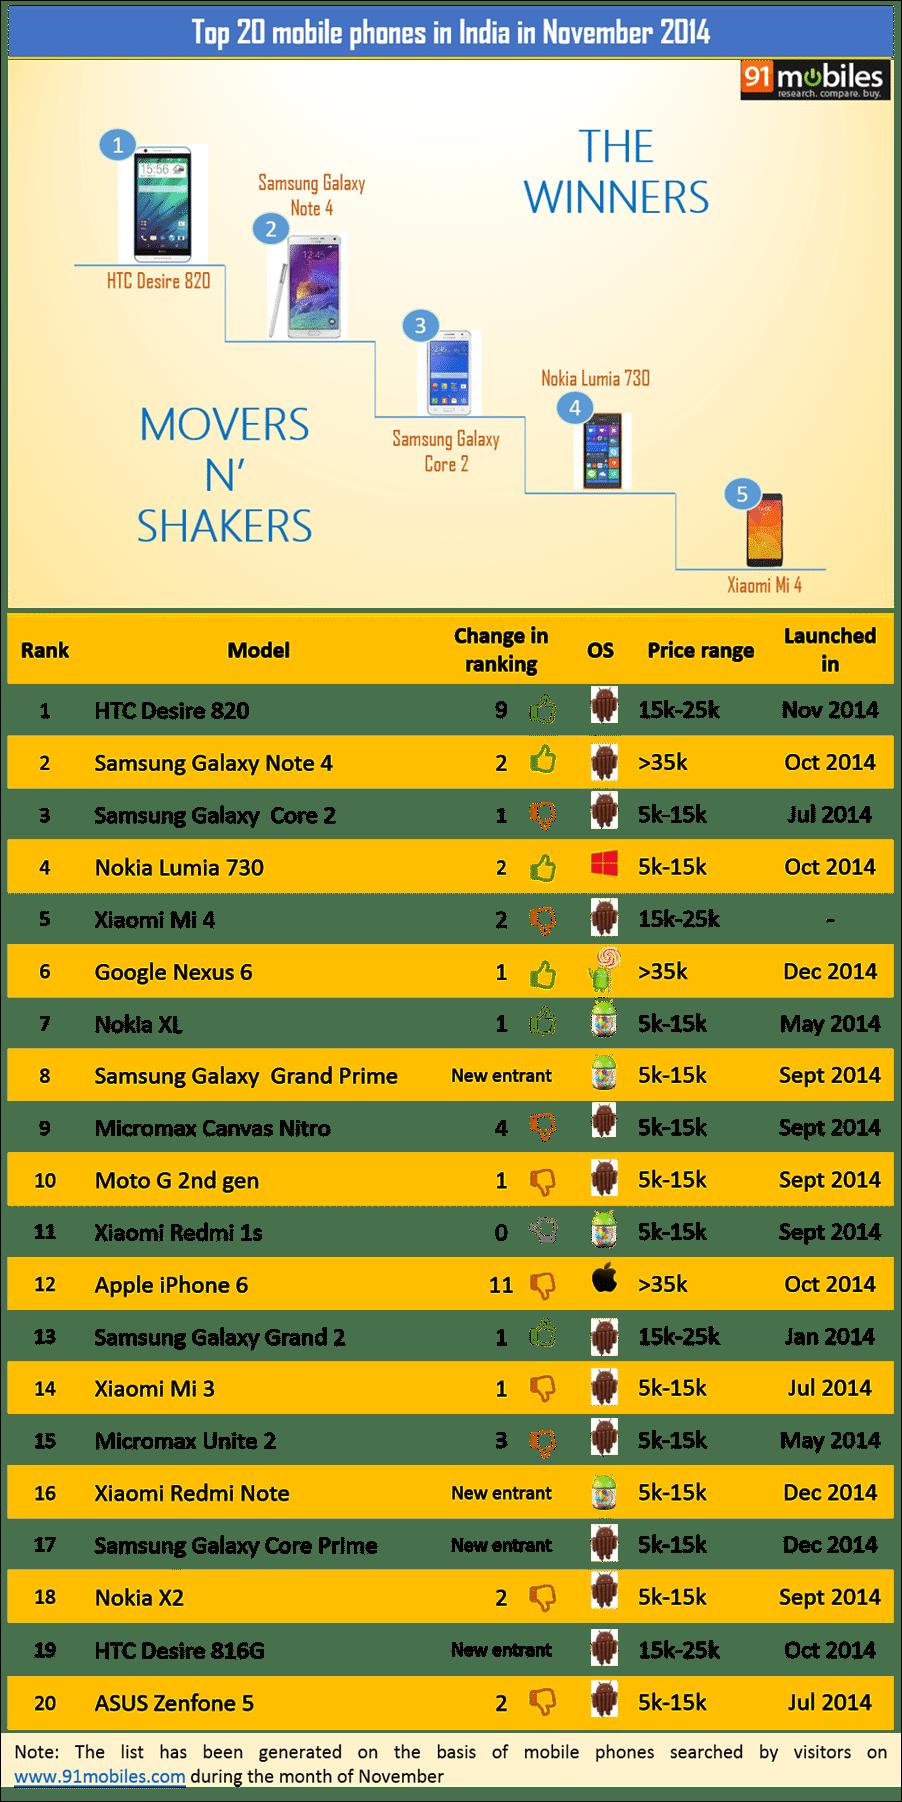 Top 20 mobile phones in india in November 2014